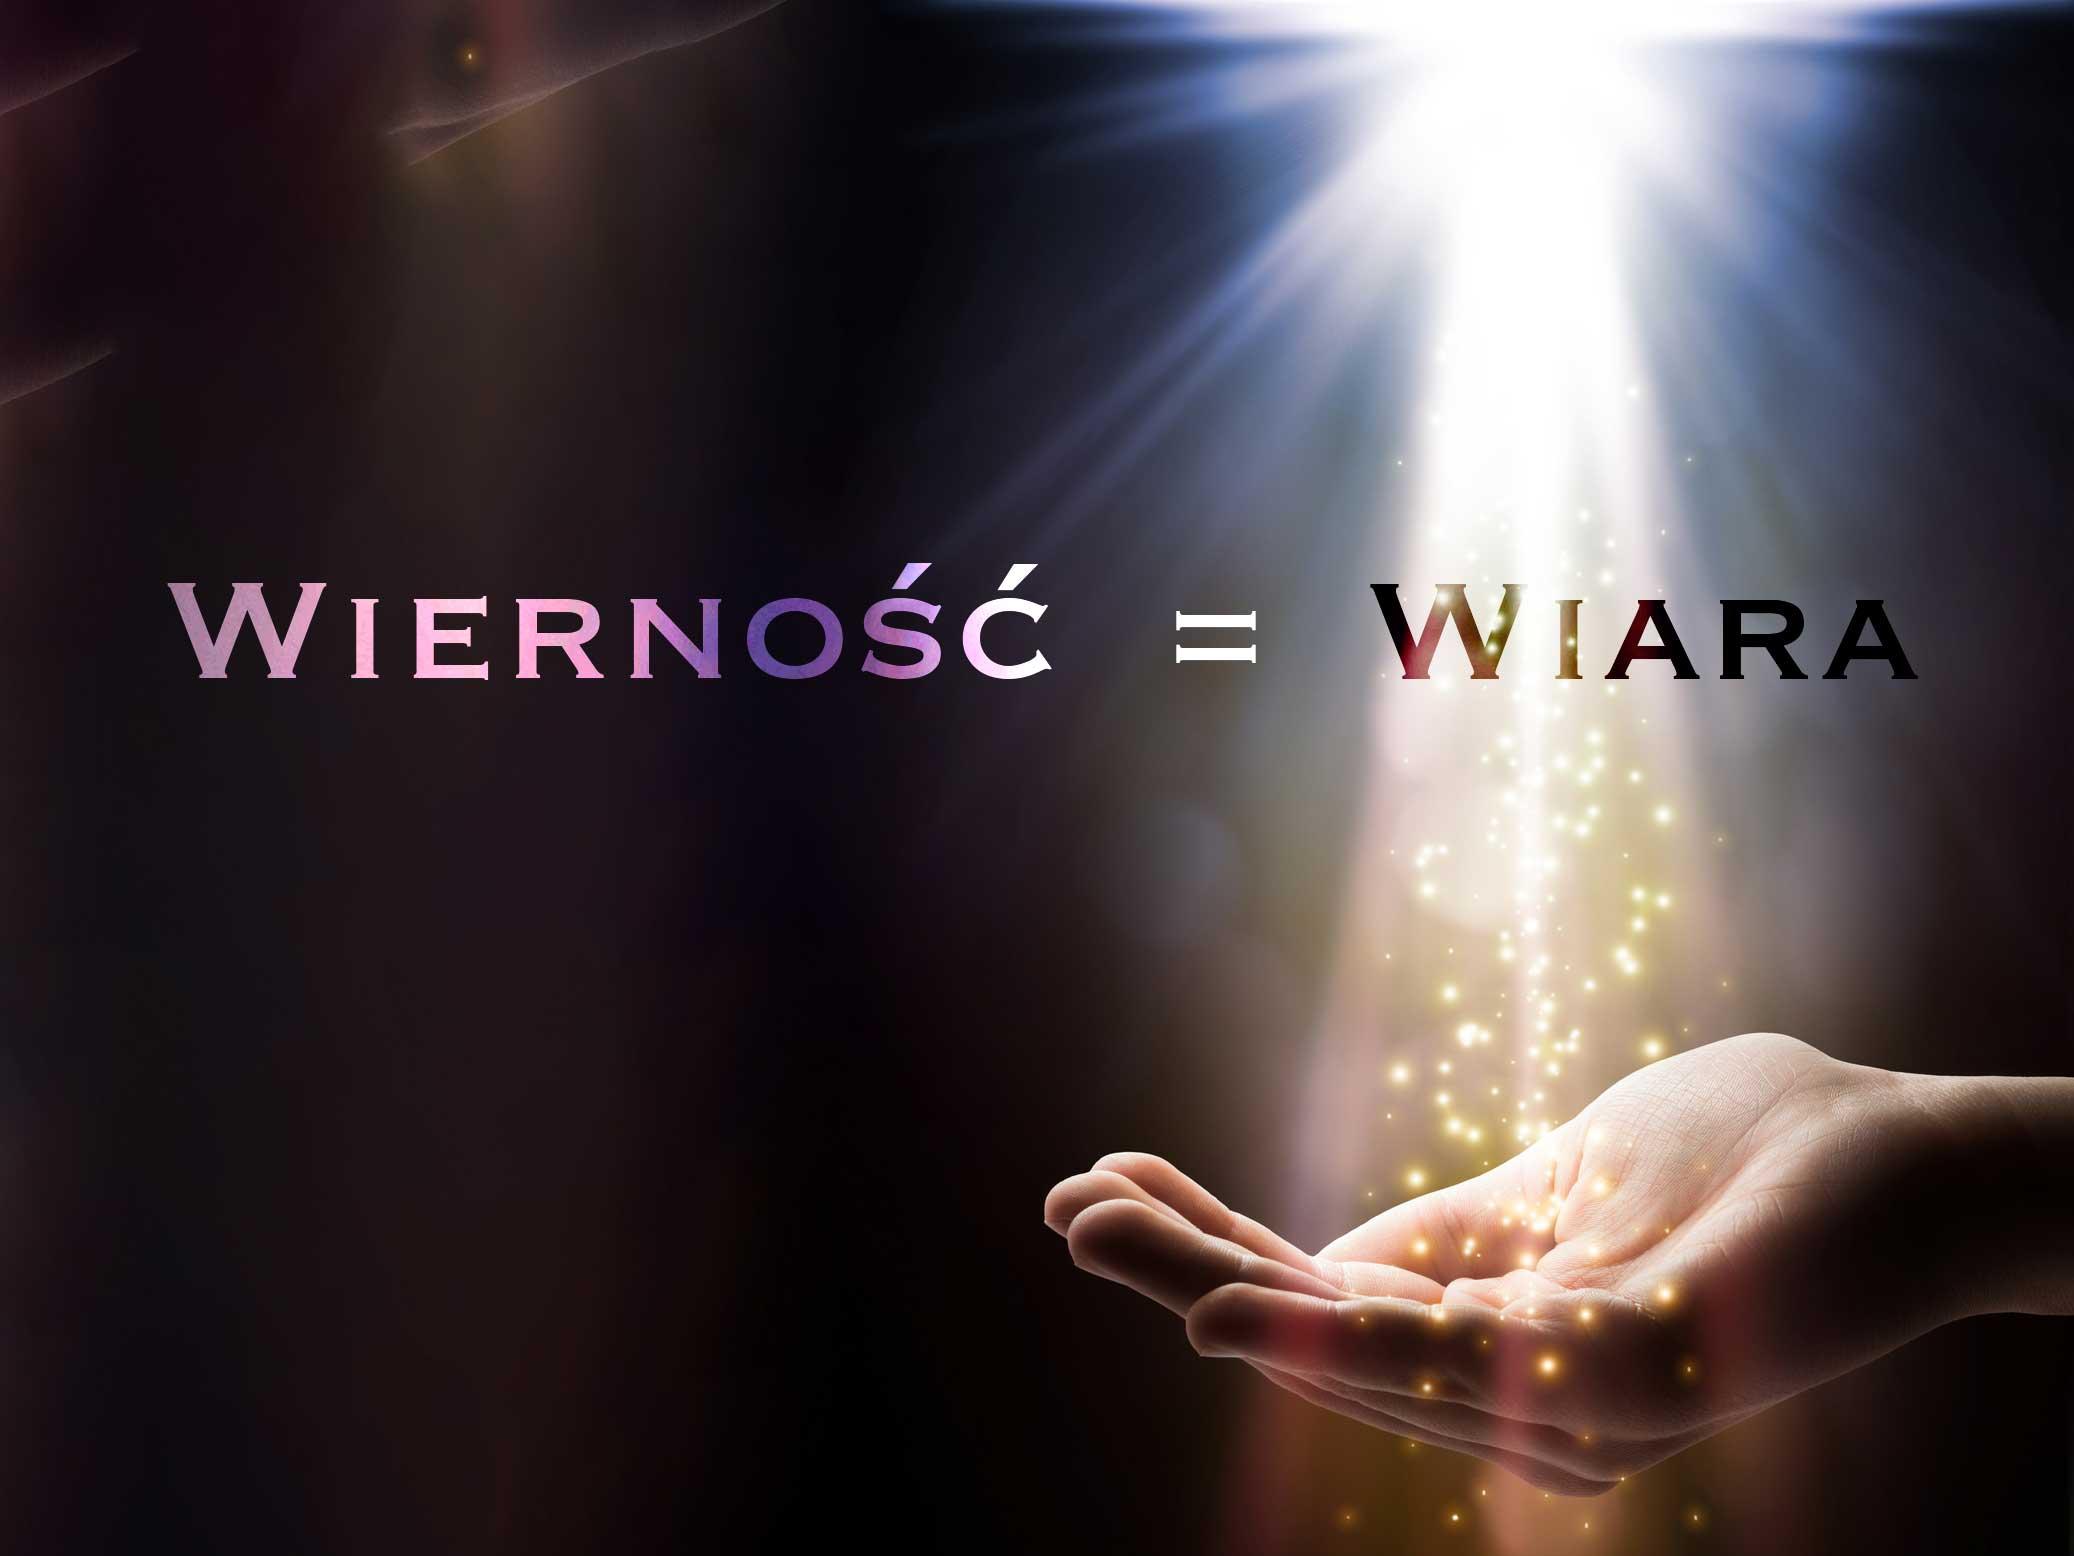 Wierność = Wiara